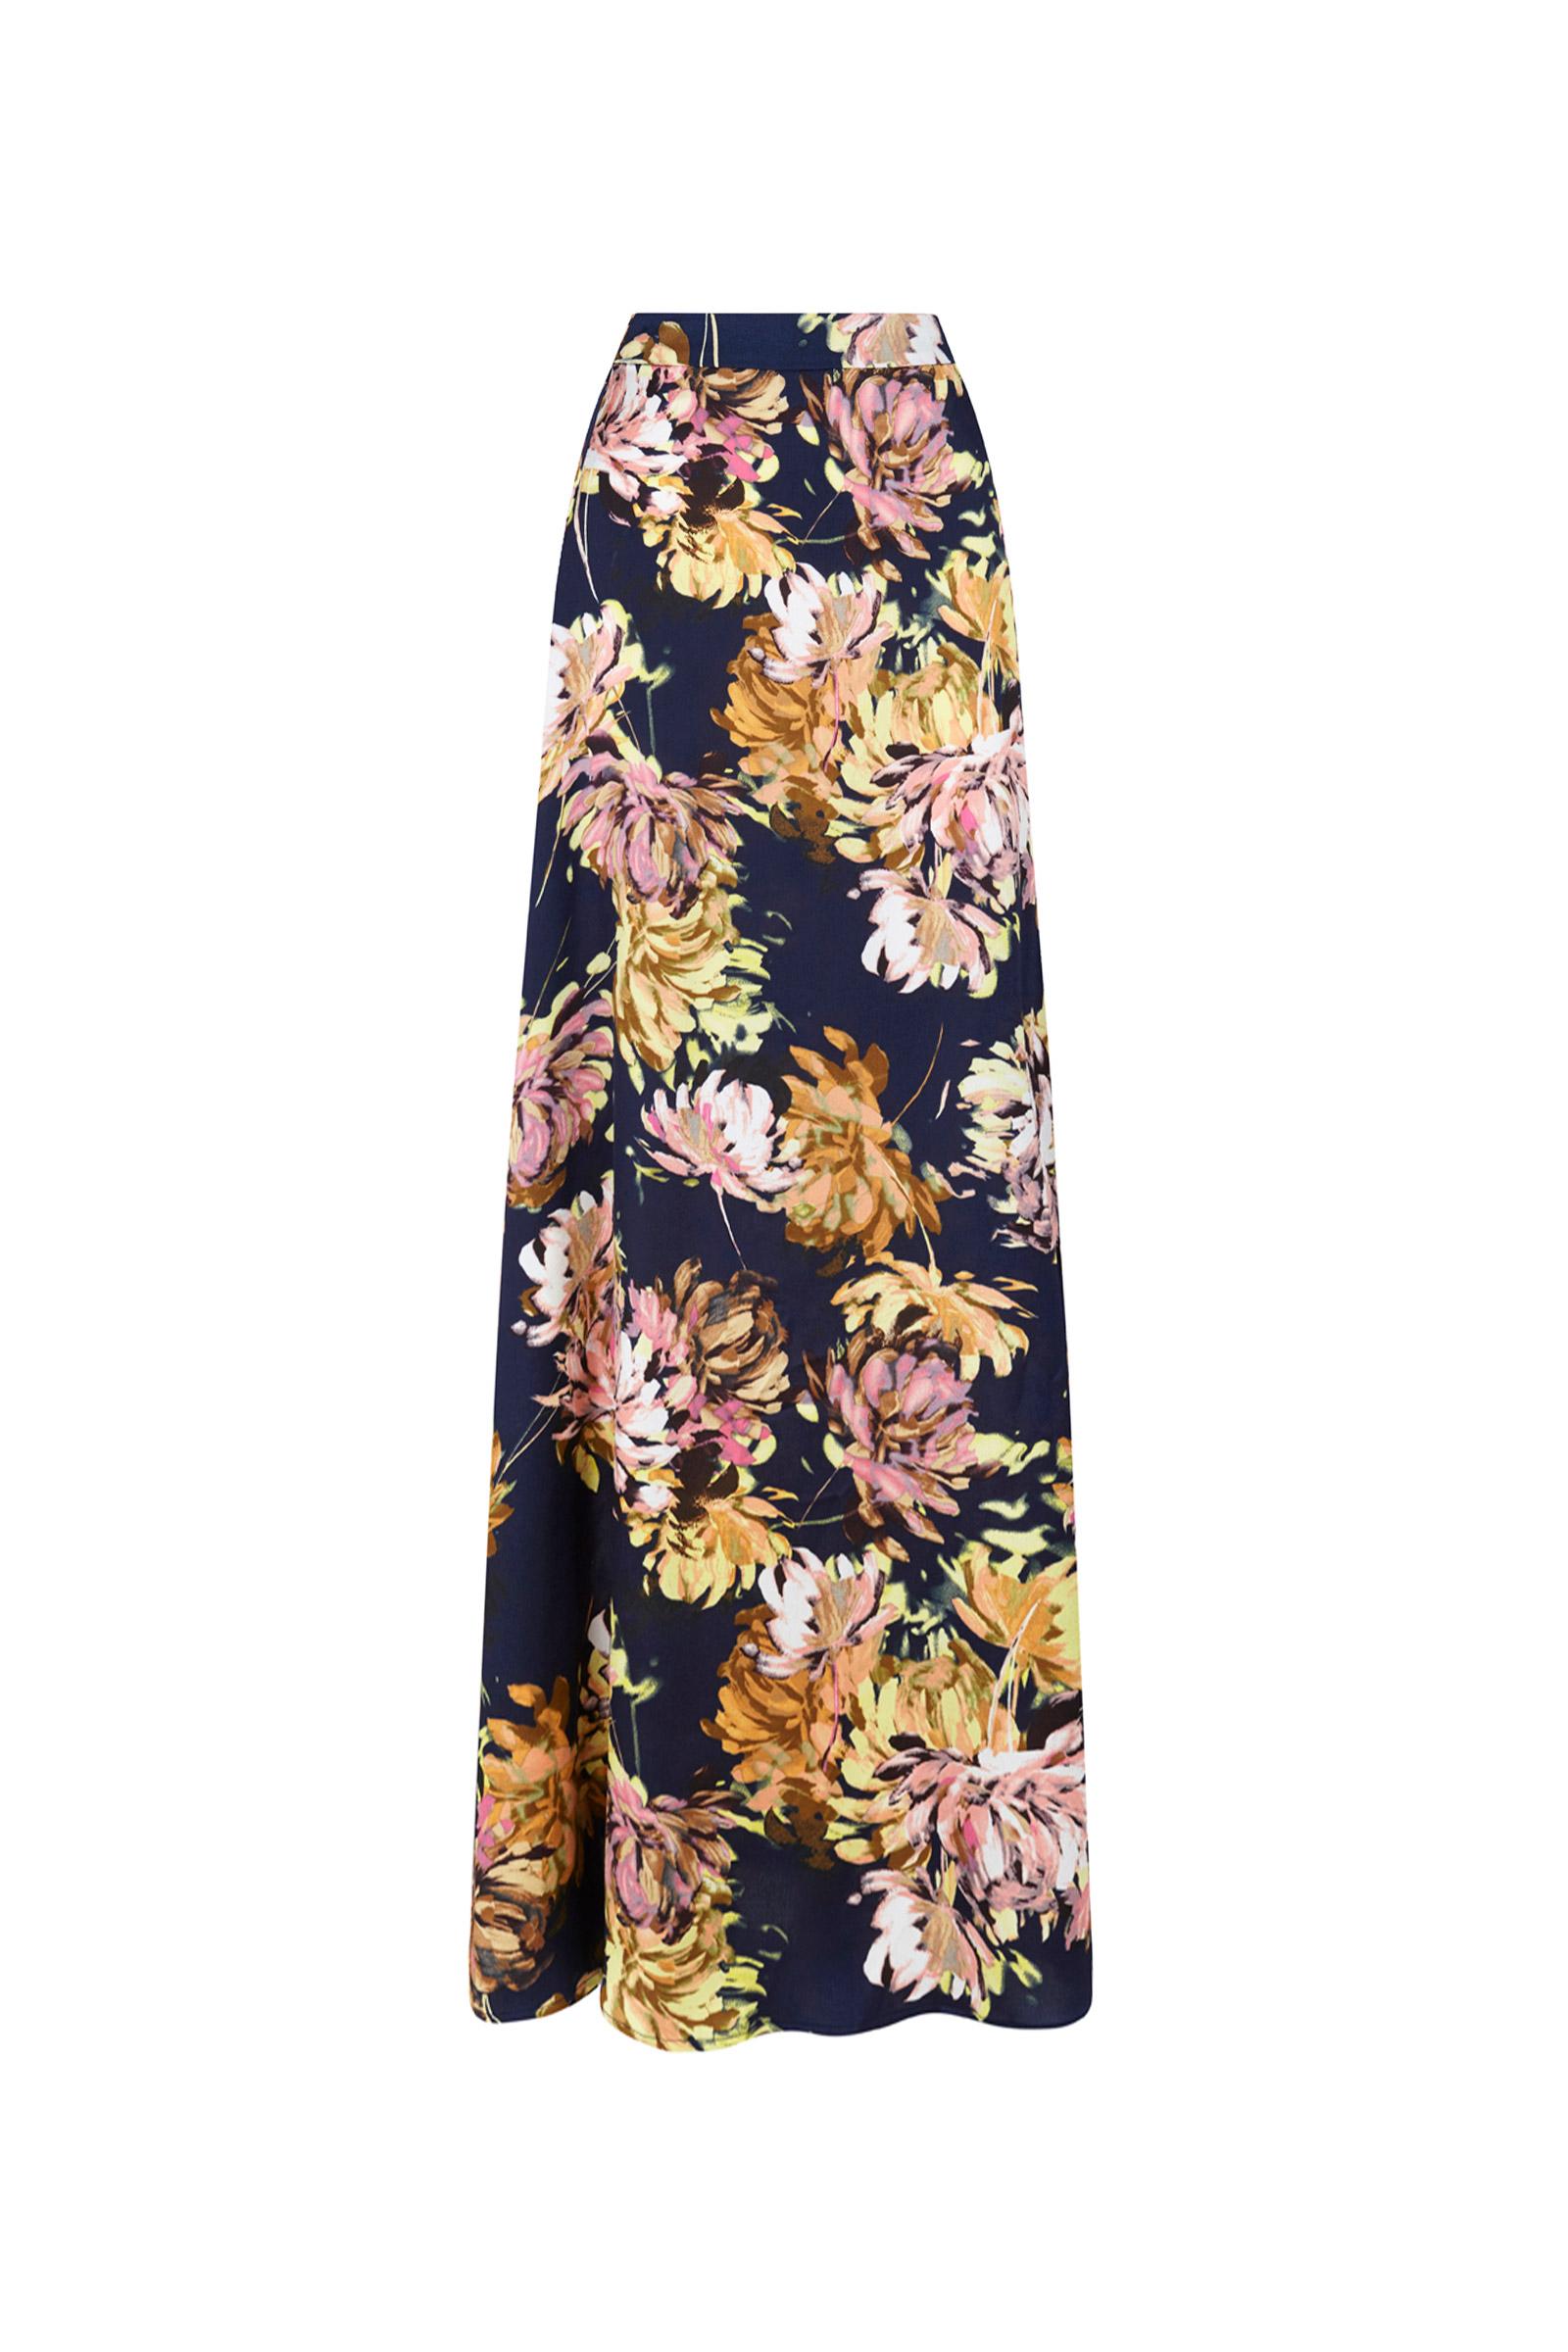 Falda larga estampada azul marino